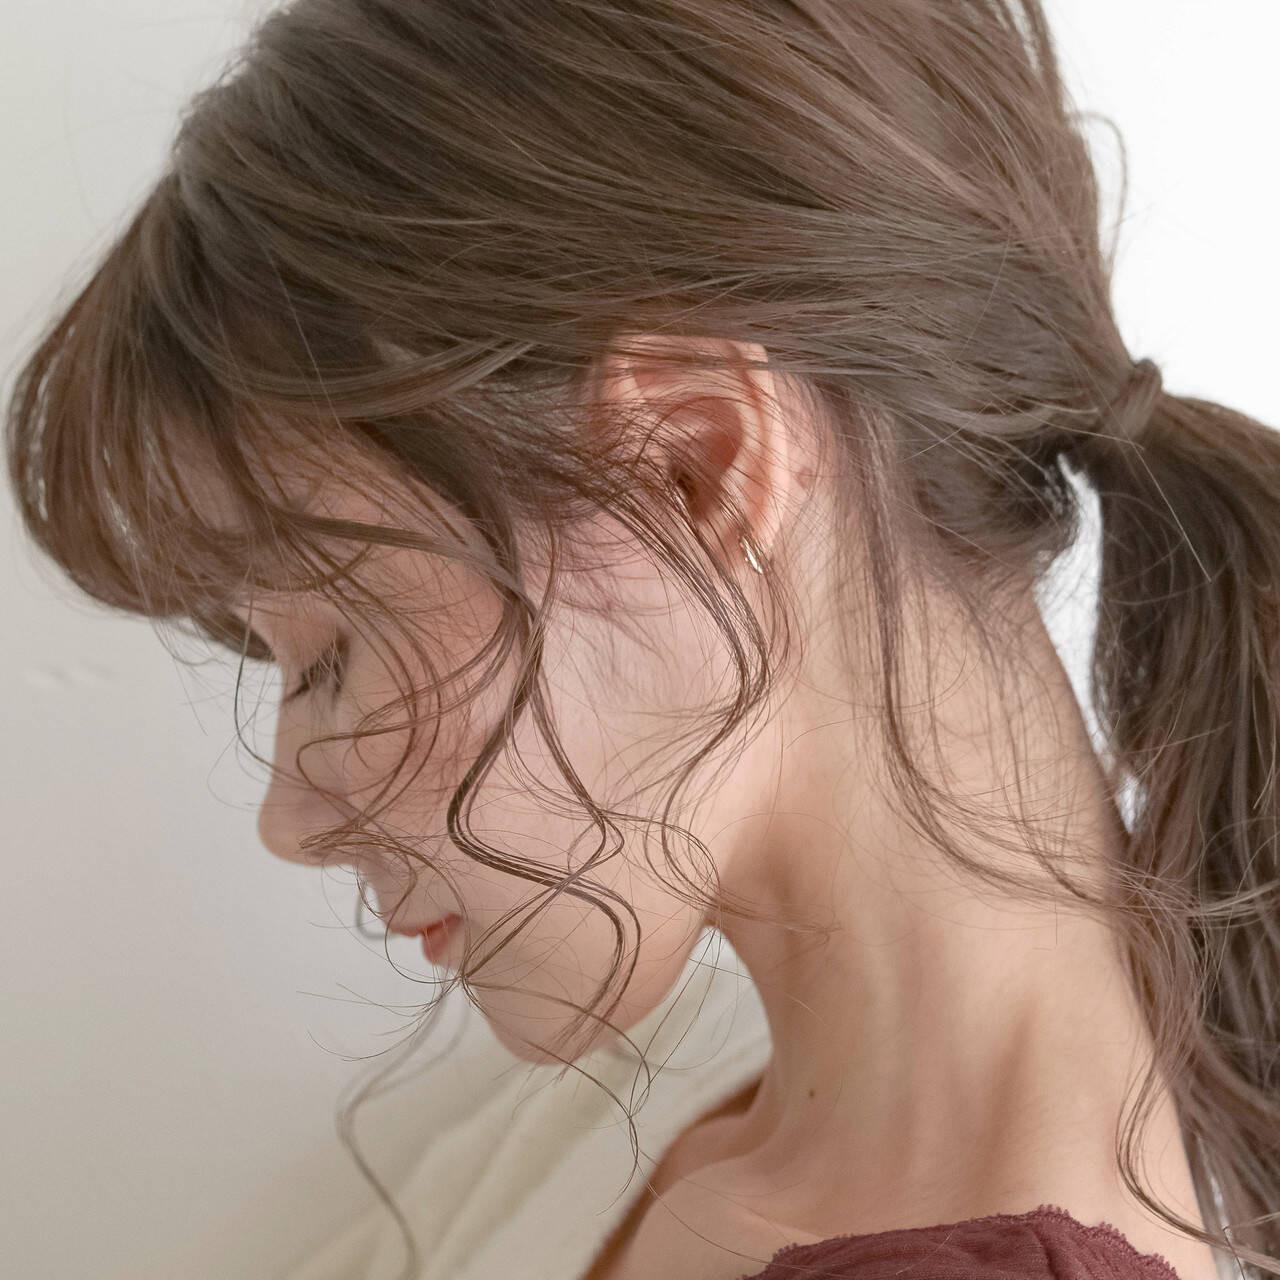 後れ毛たっぷりヘアで女性らしさを♡ koyori Ootake  Link 表参道